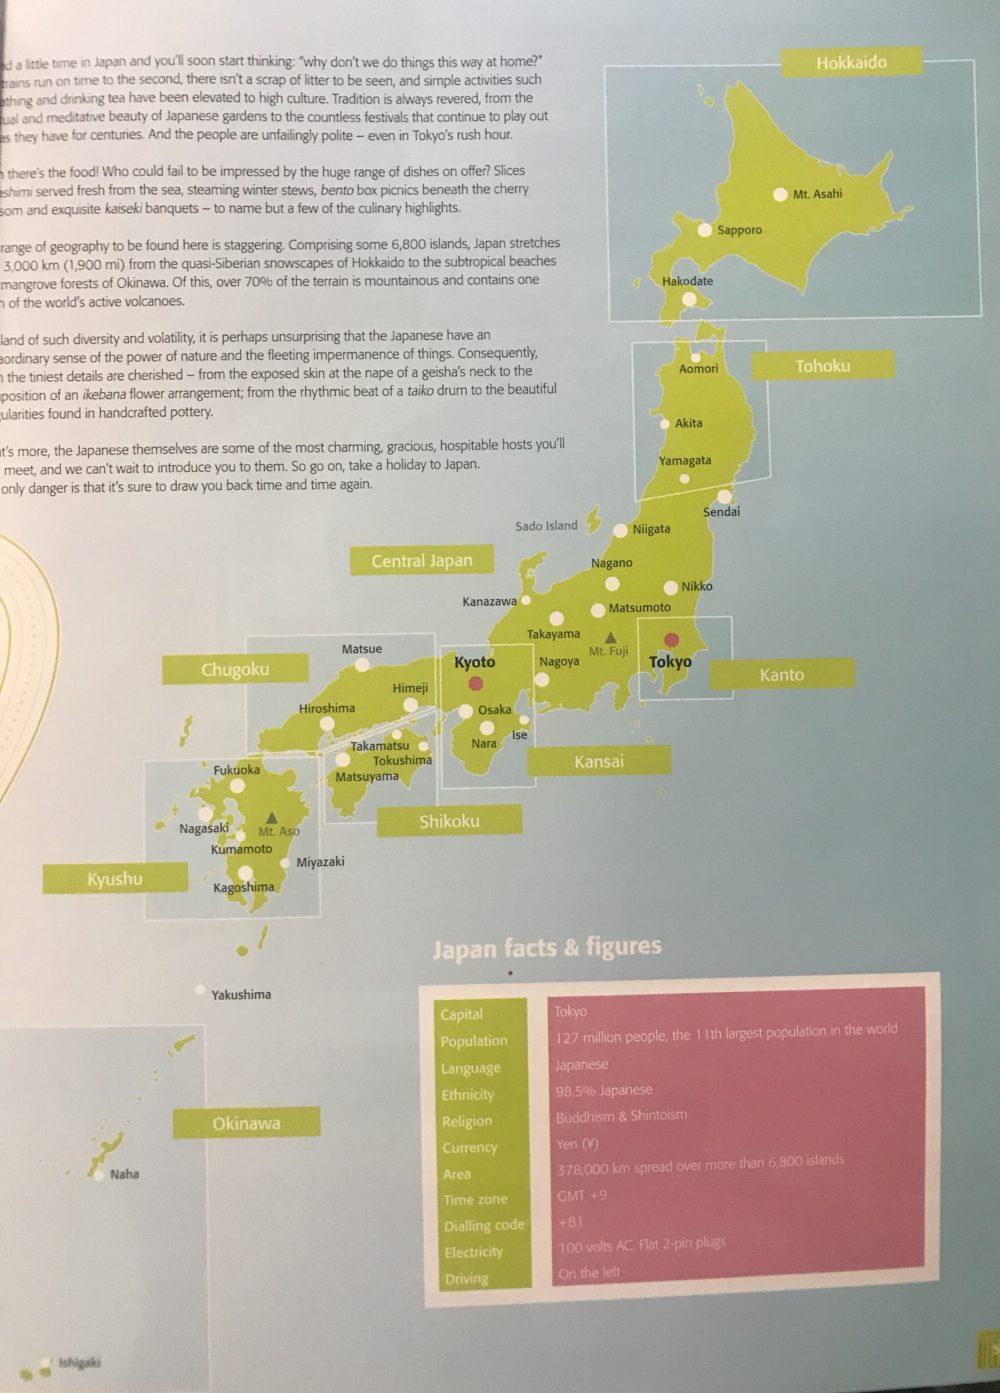 日本旅行を専門としている有名な旅行会社のパンフレットに使用されている観光マップの写真